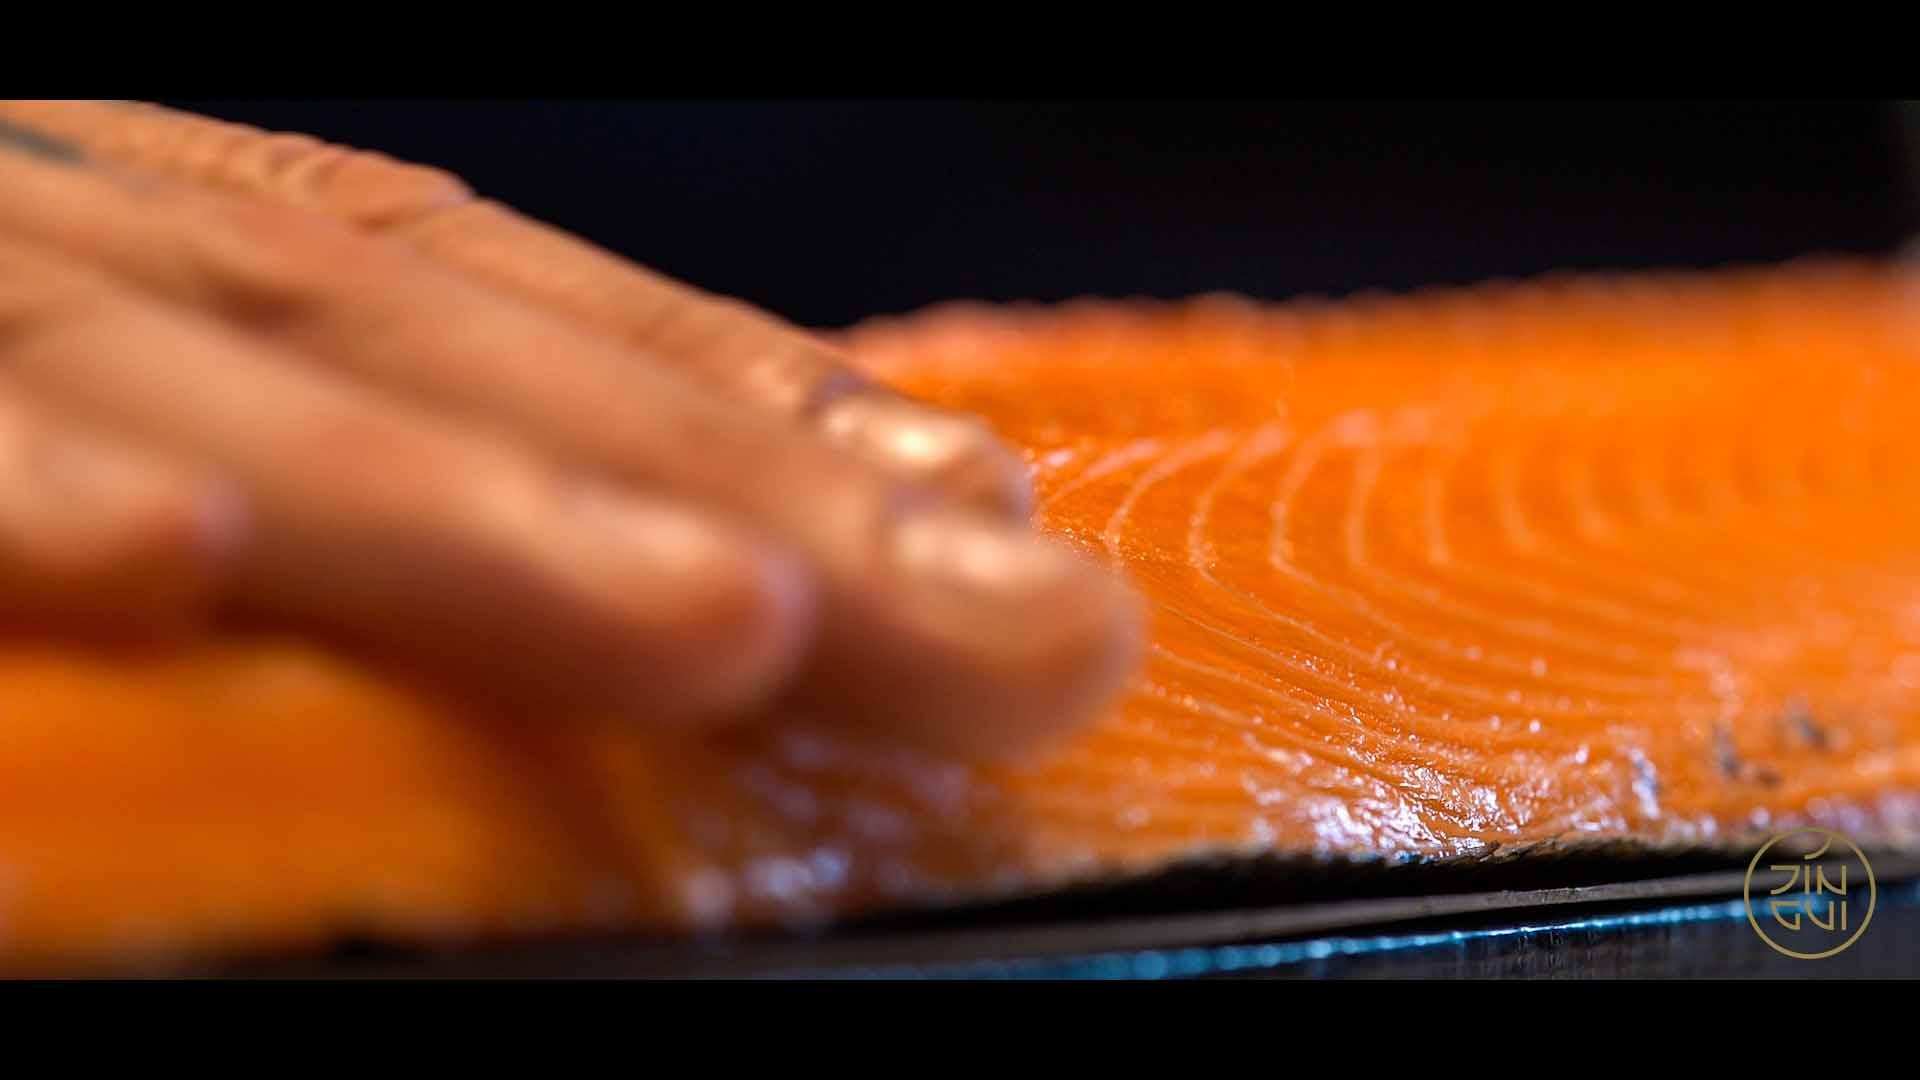 TORTUE_Jin_Gui_Sushi_Salmon